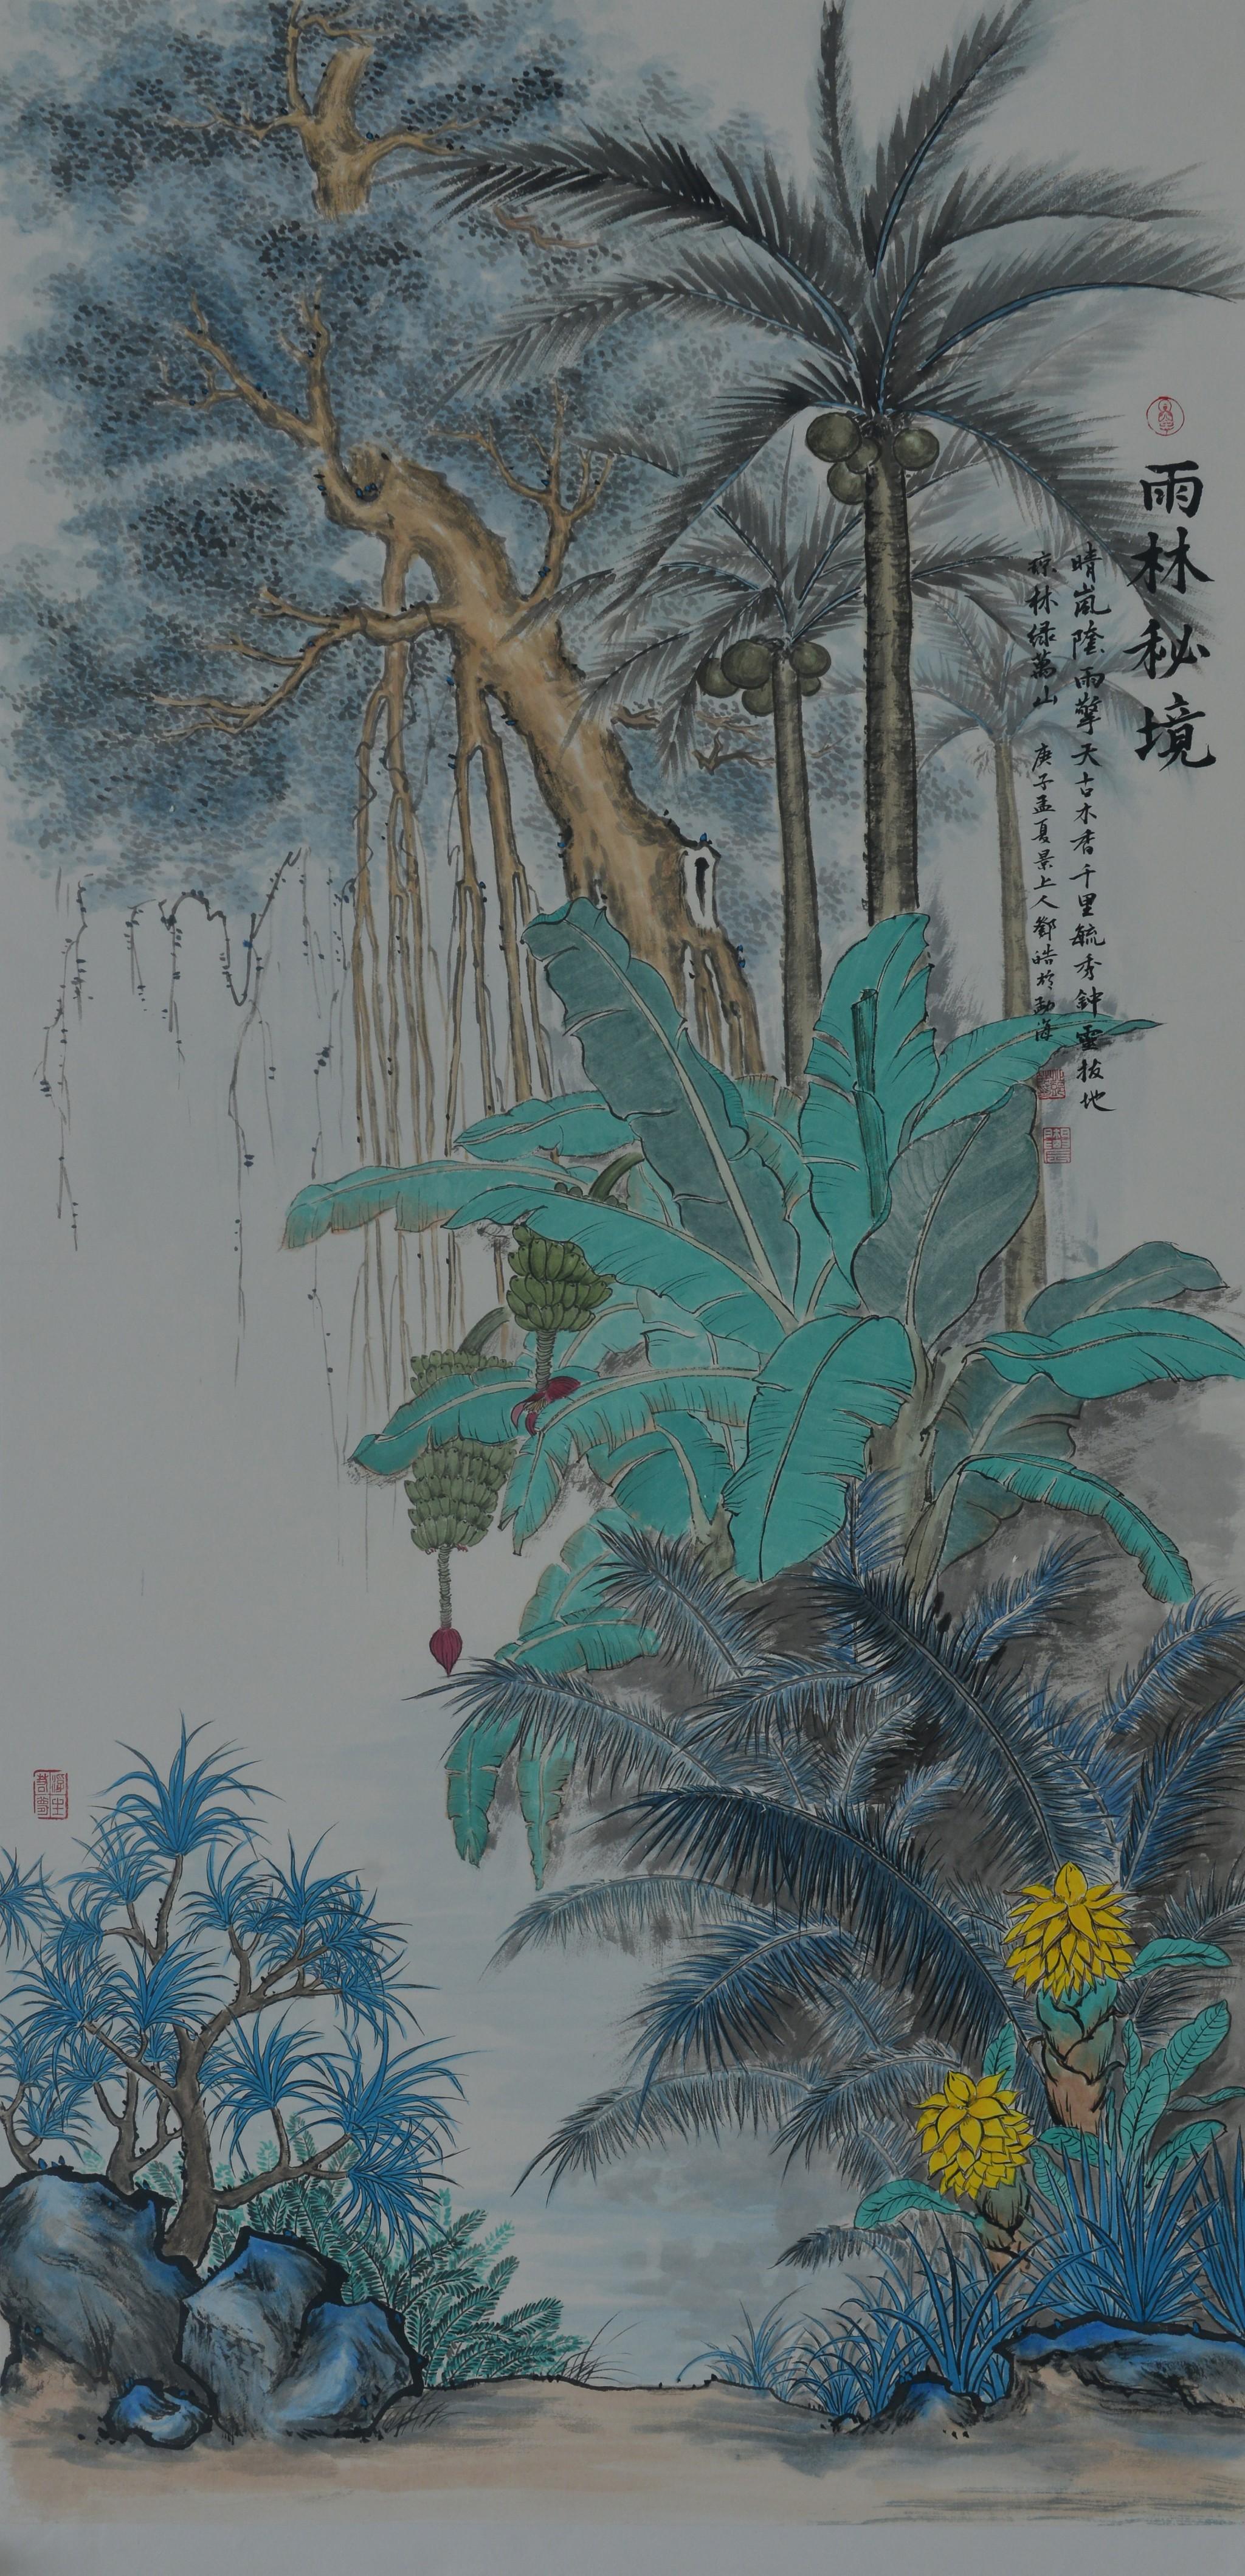 08《雨林秘境》邓皓